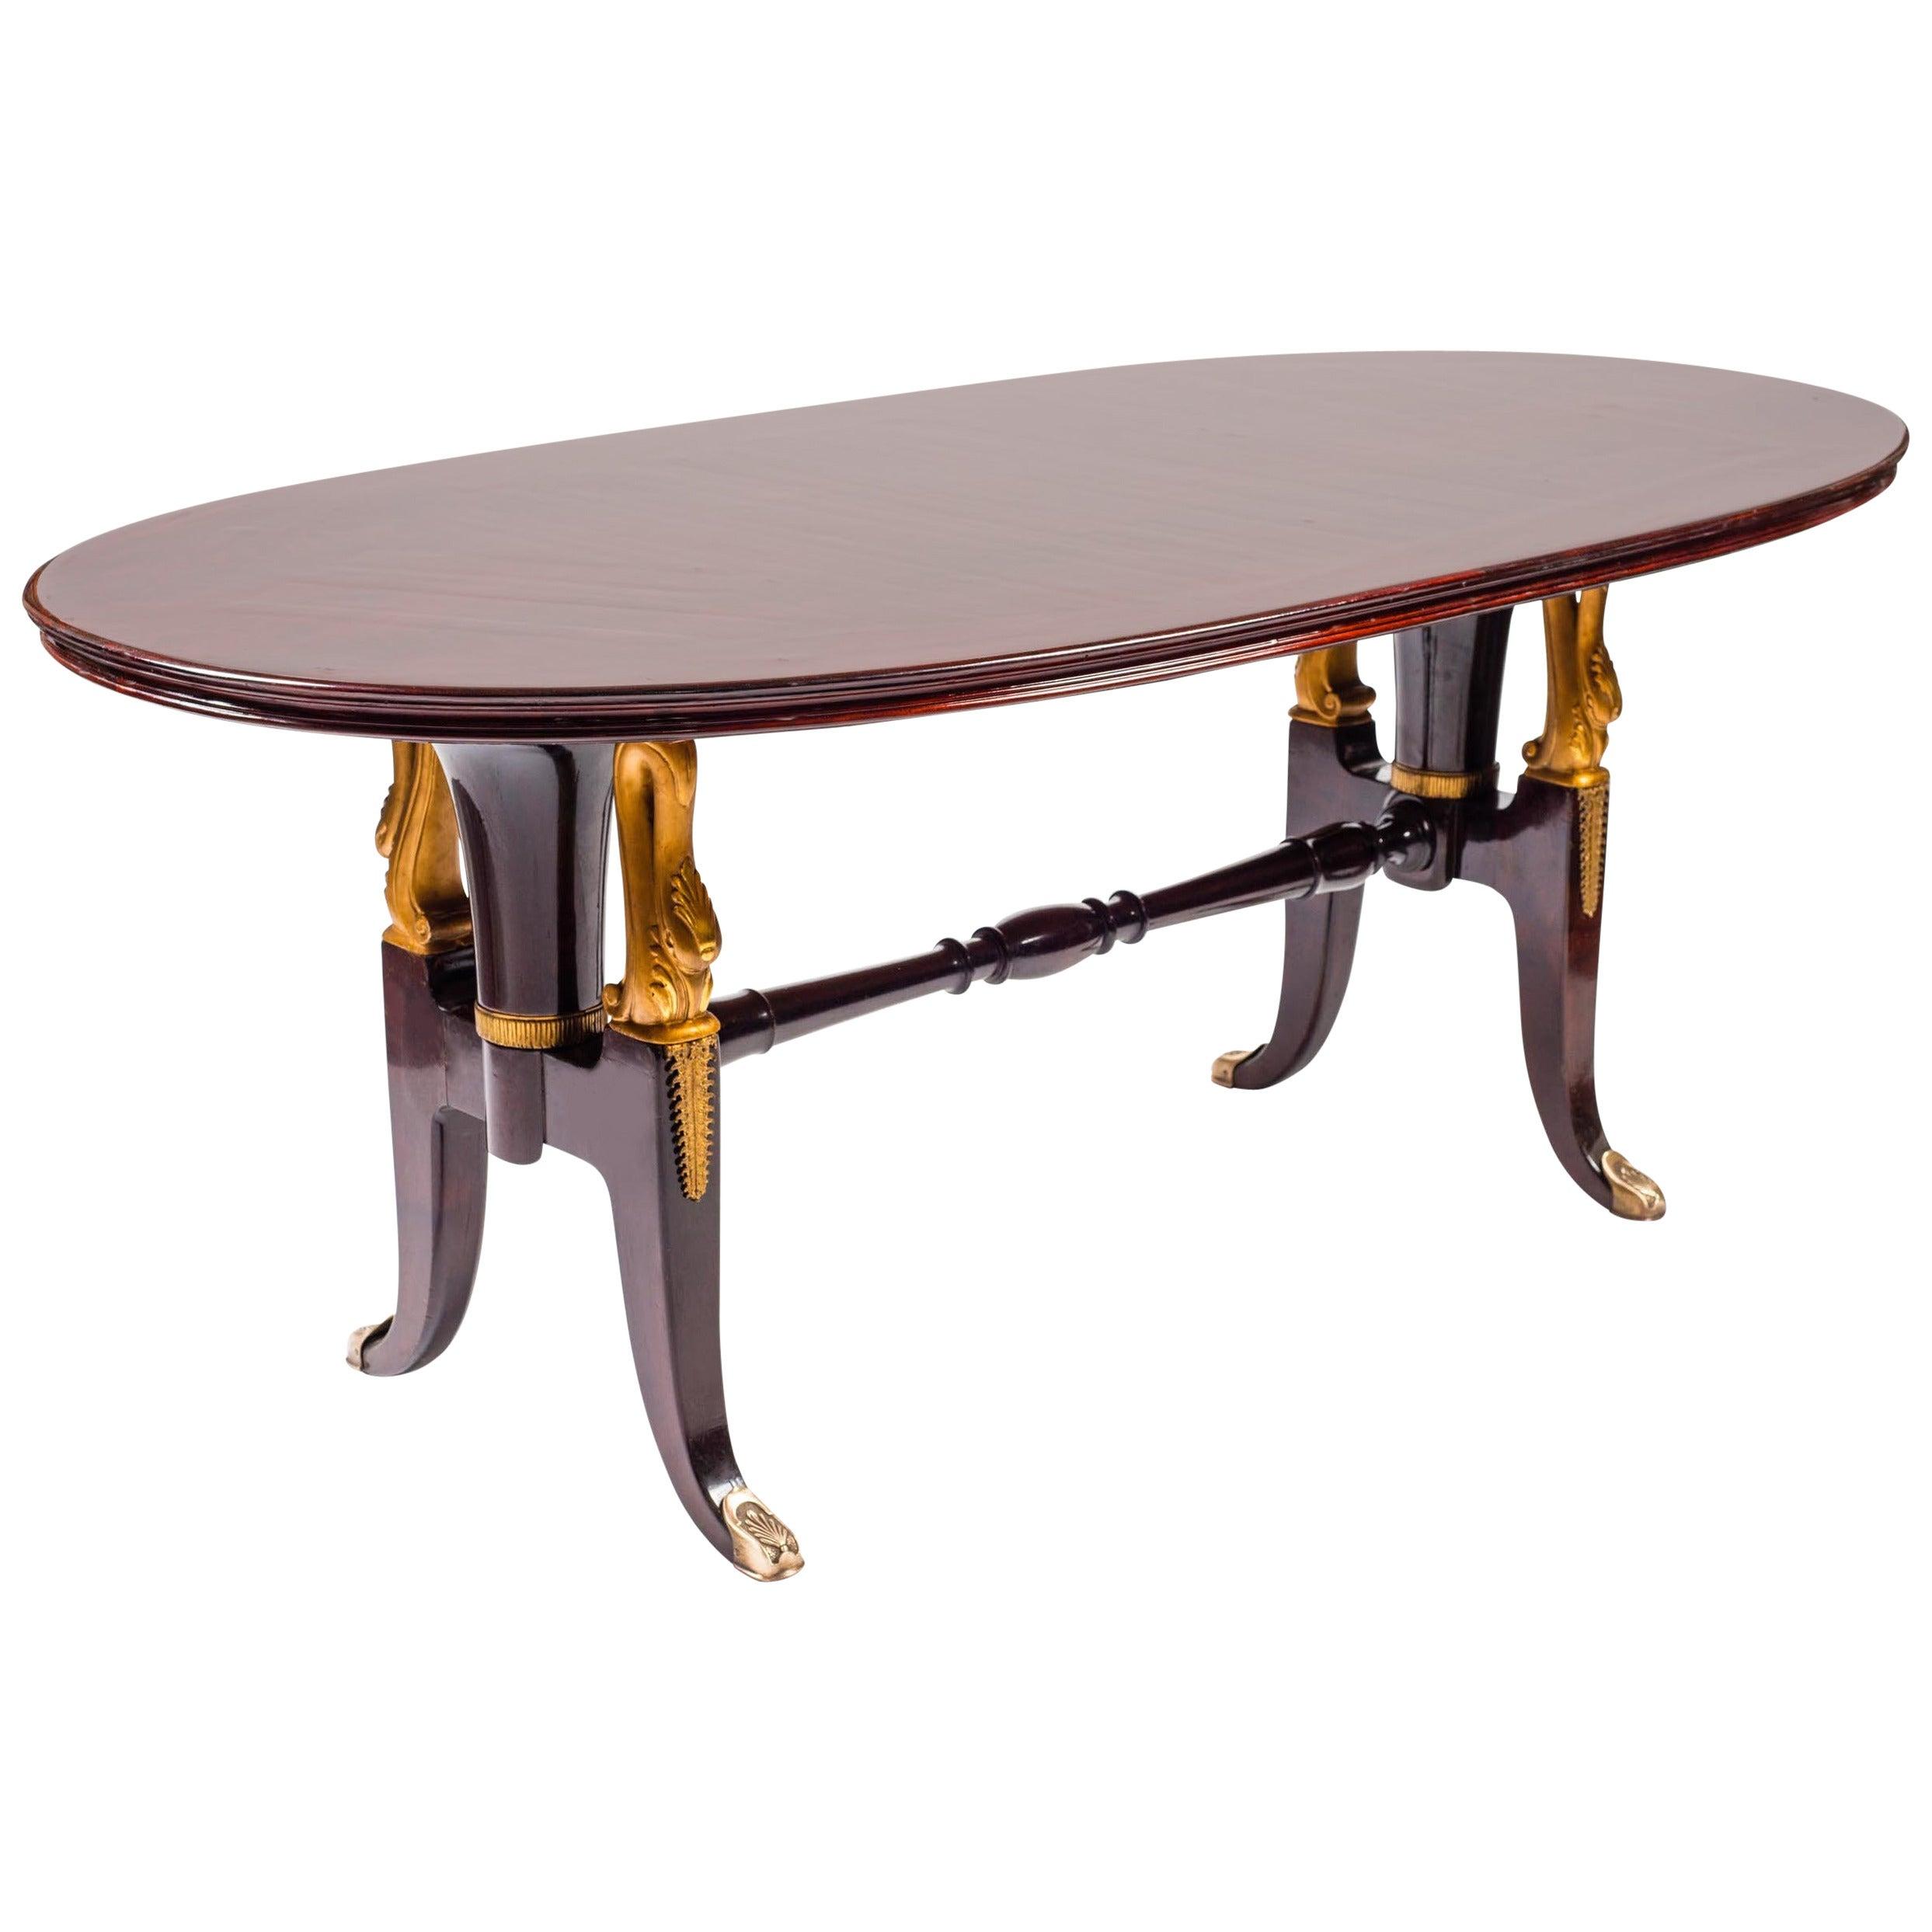 Midcentury Italian Mahogany Table in the Style of Paolo Buffa, 1950s